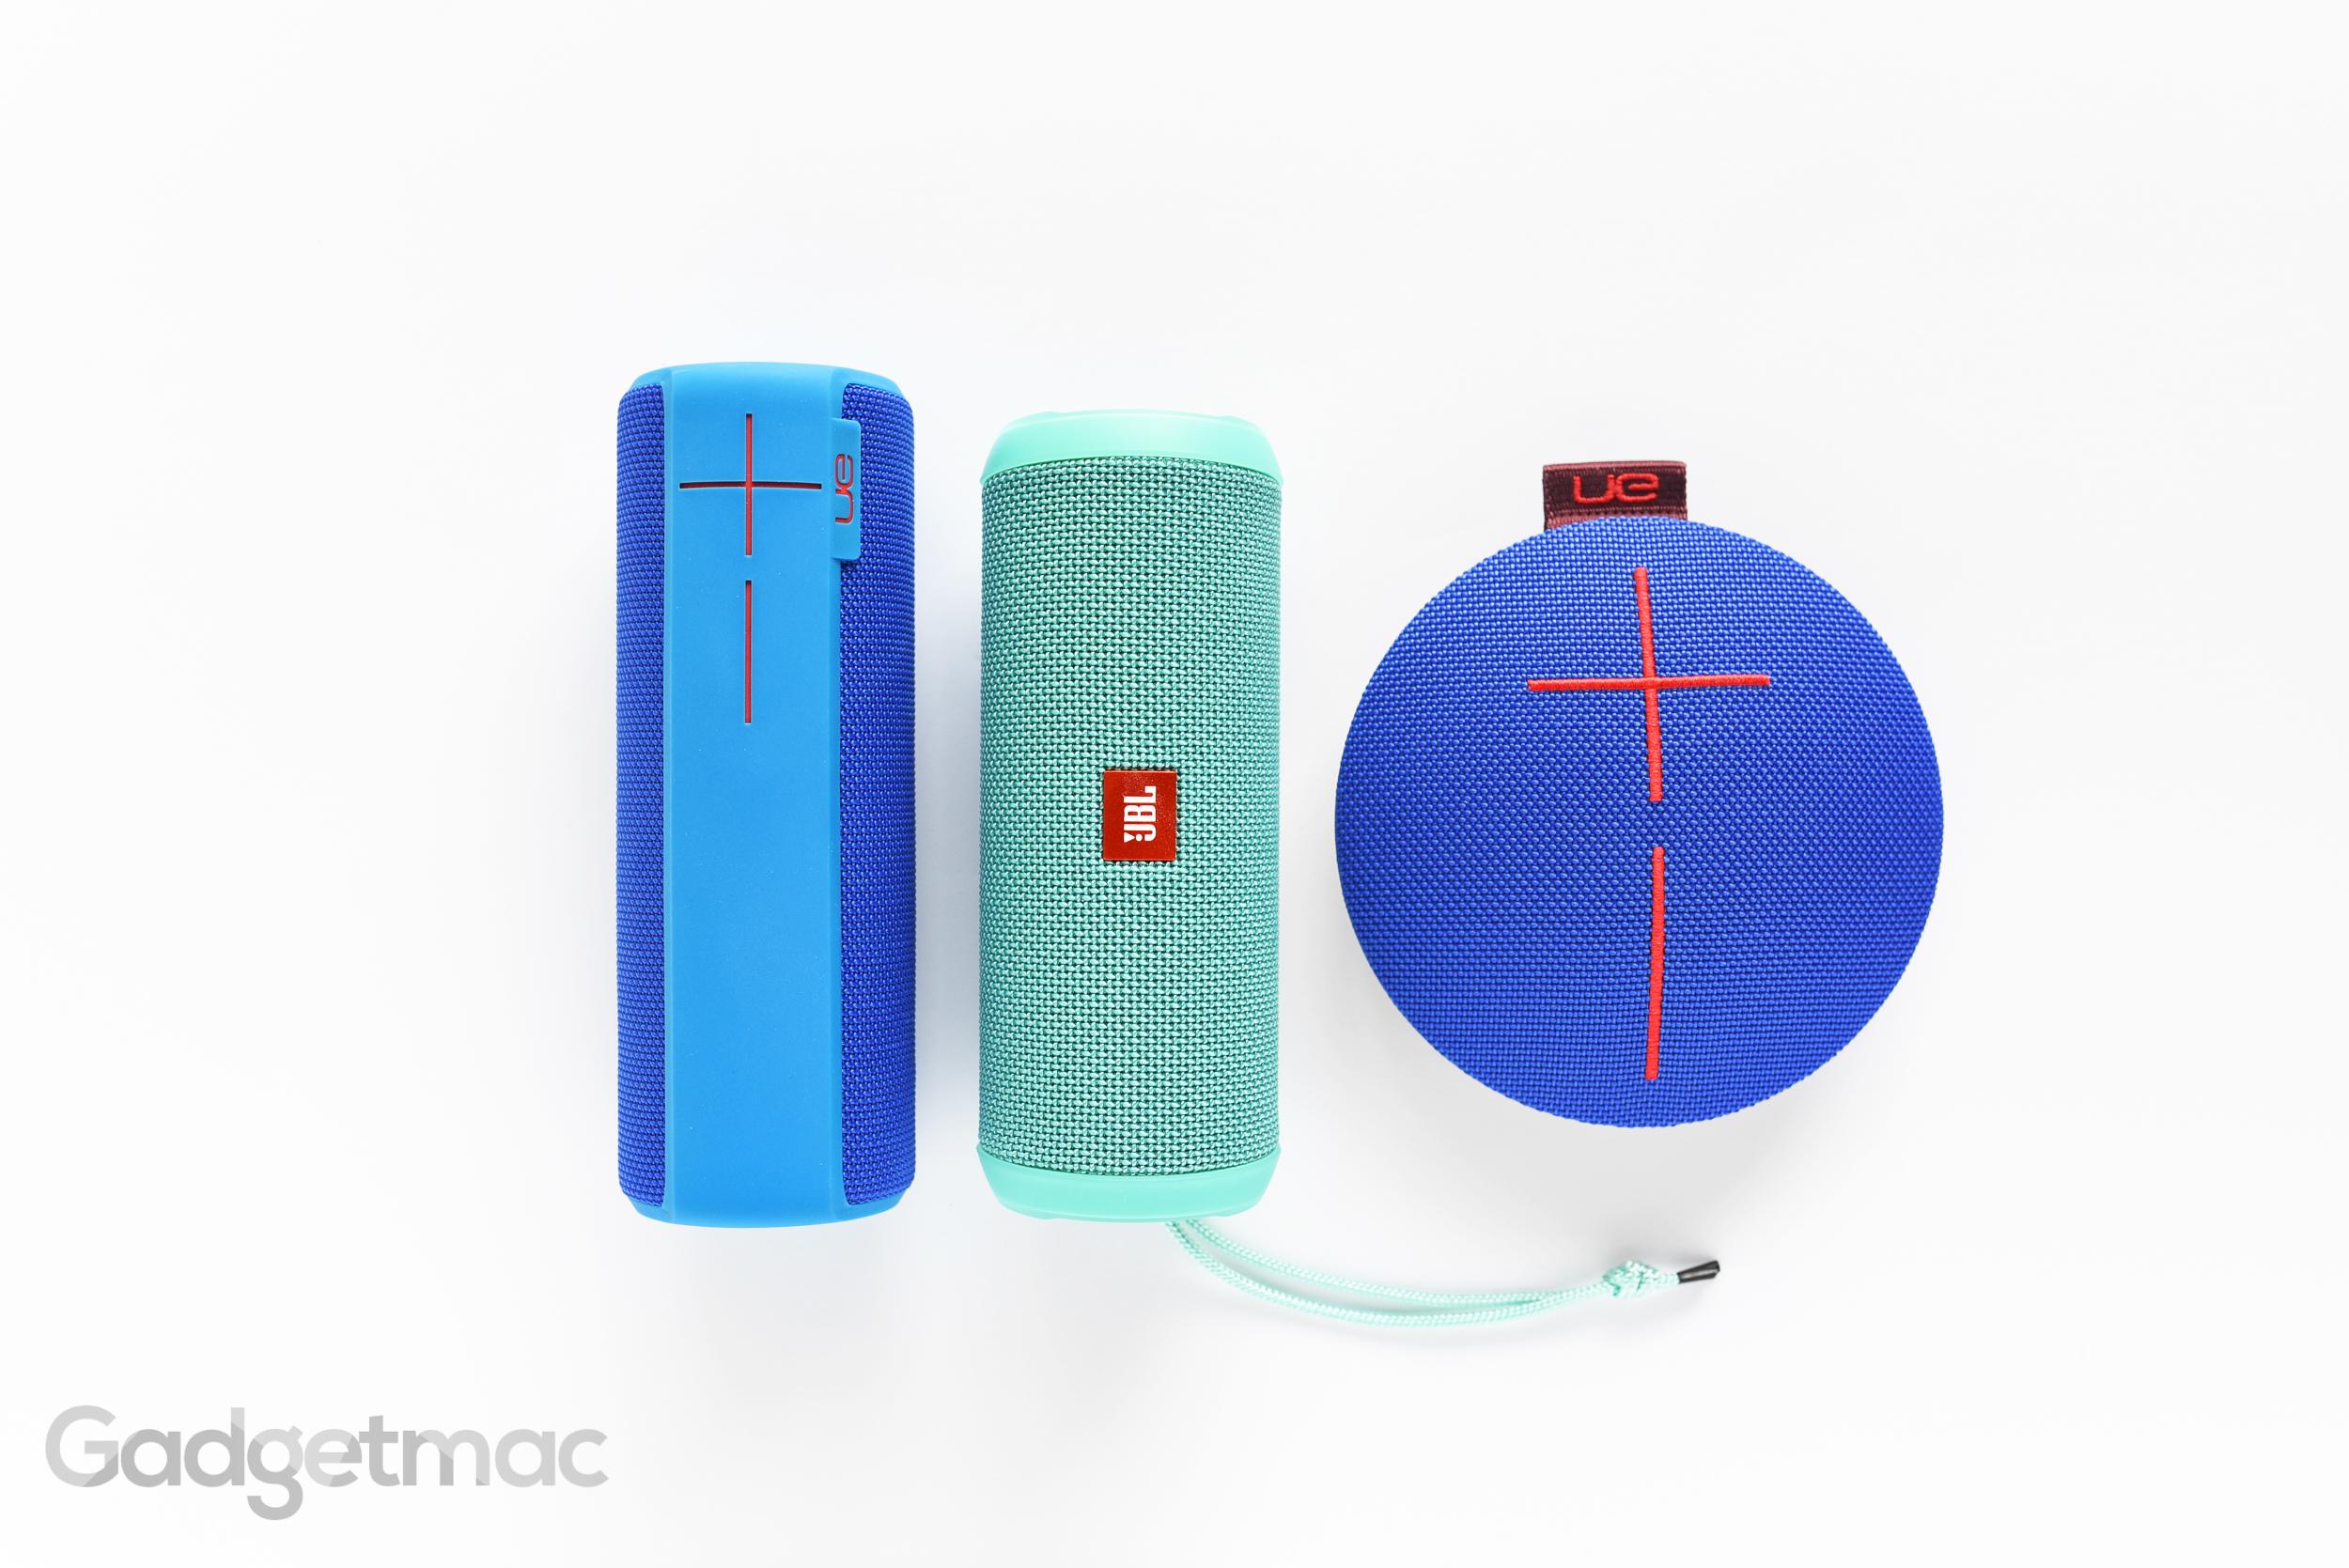 JBL Flip 3 Portable Wireless Speaker Review — Gadgetmac